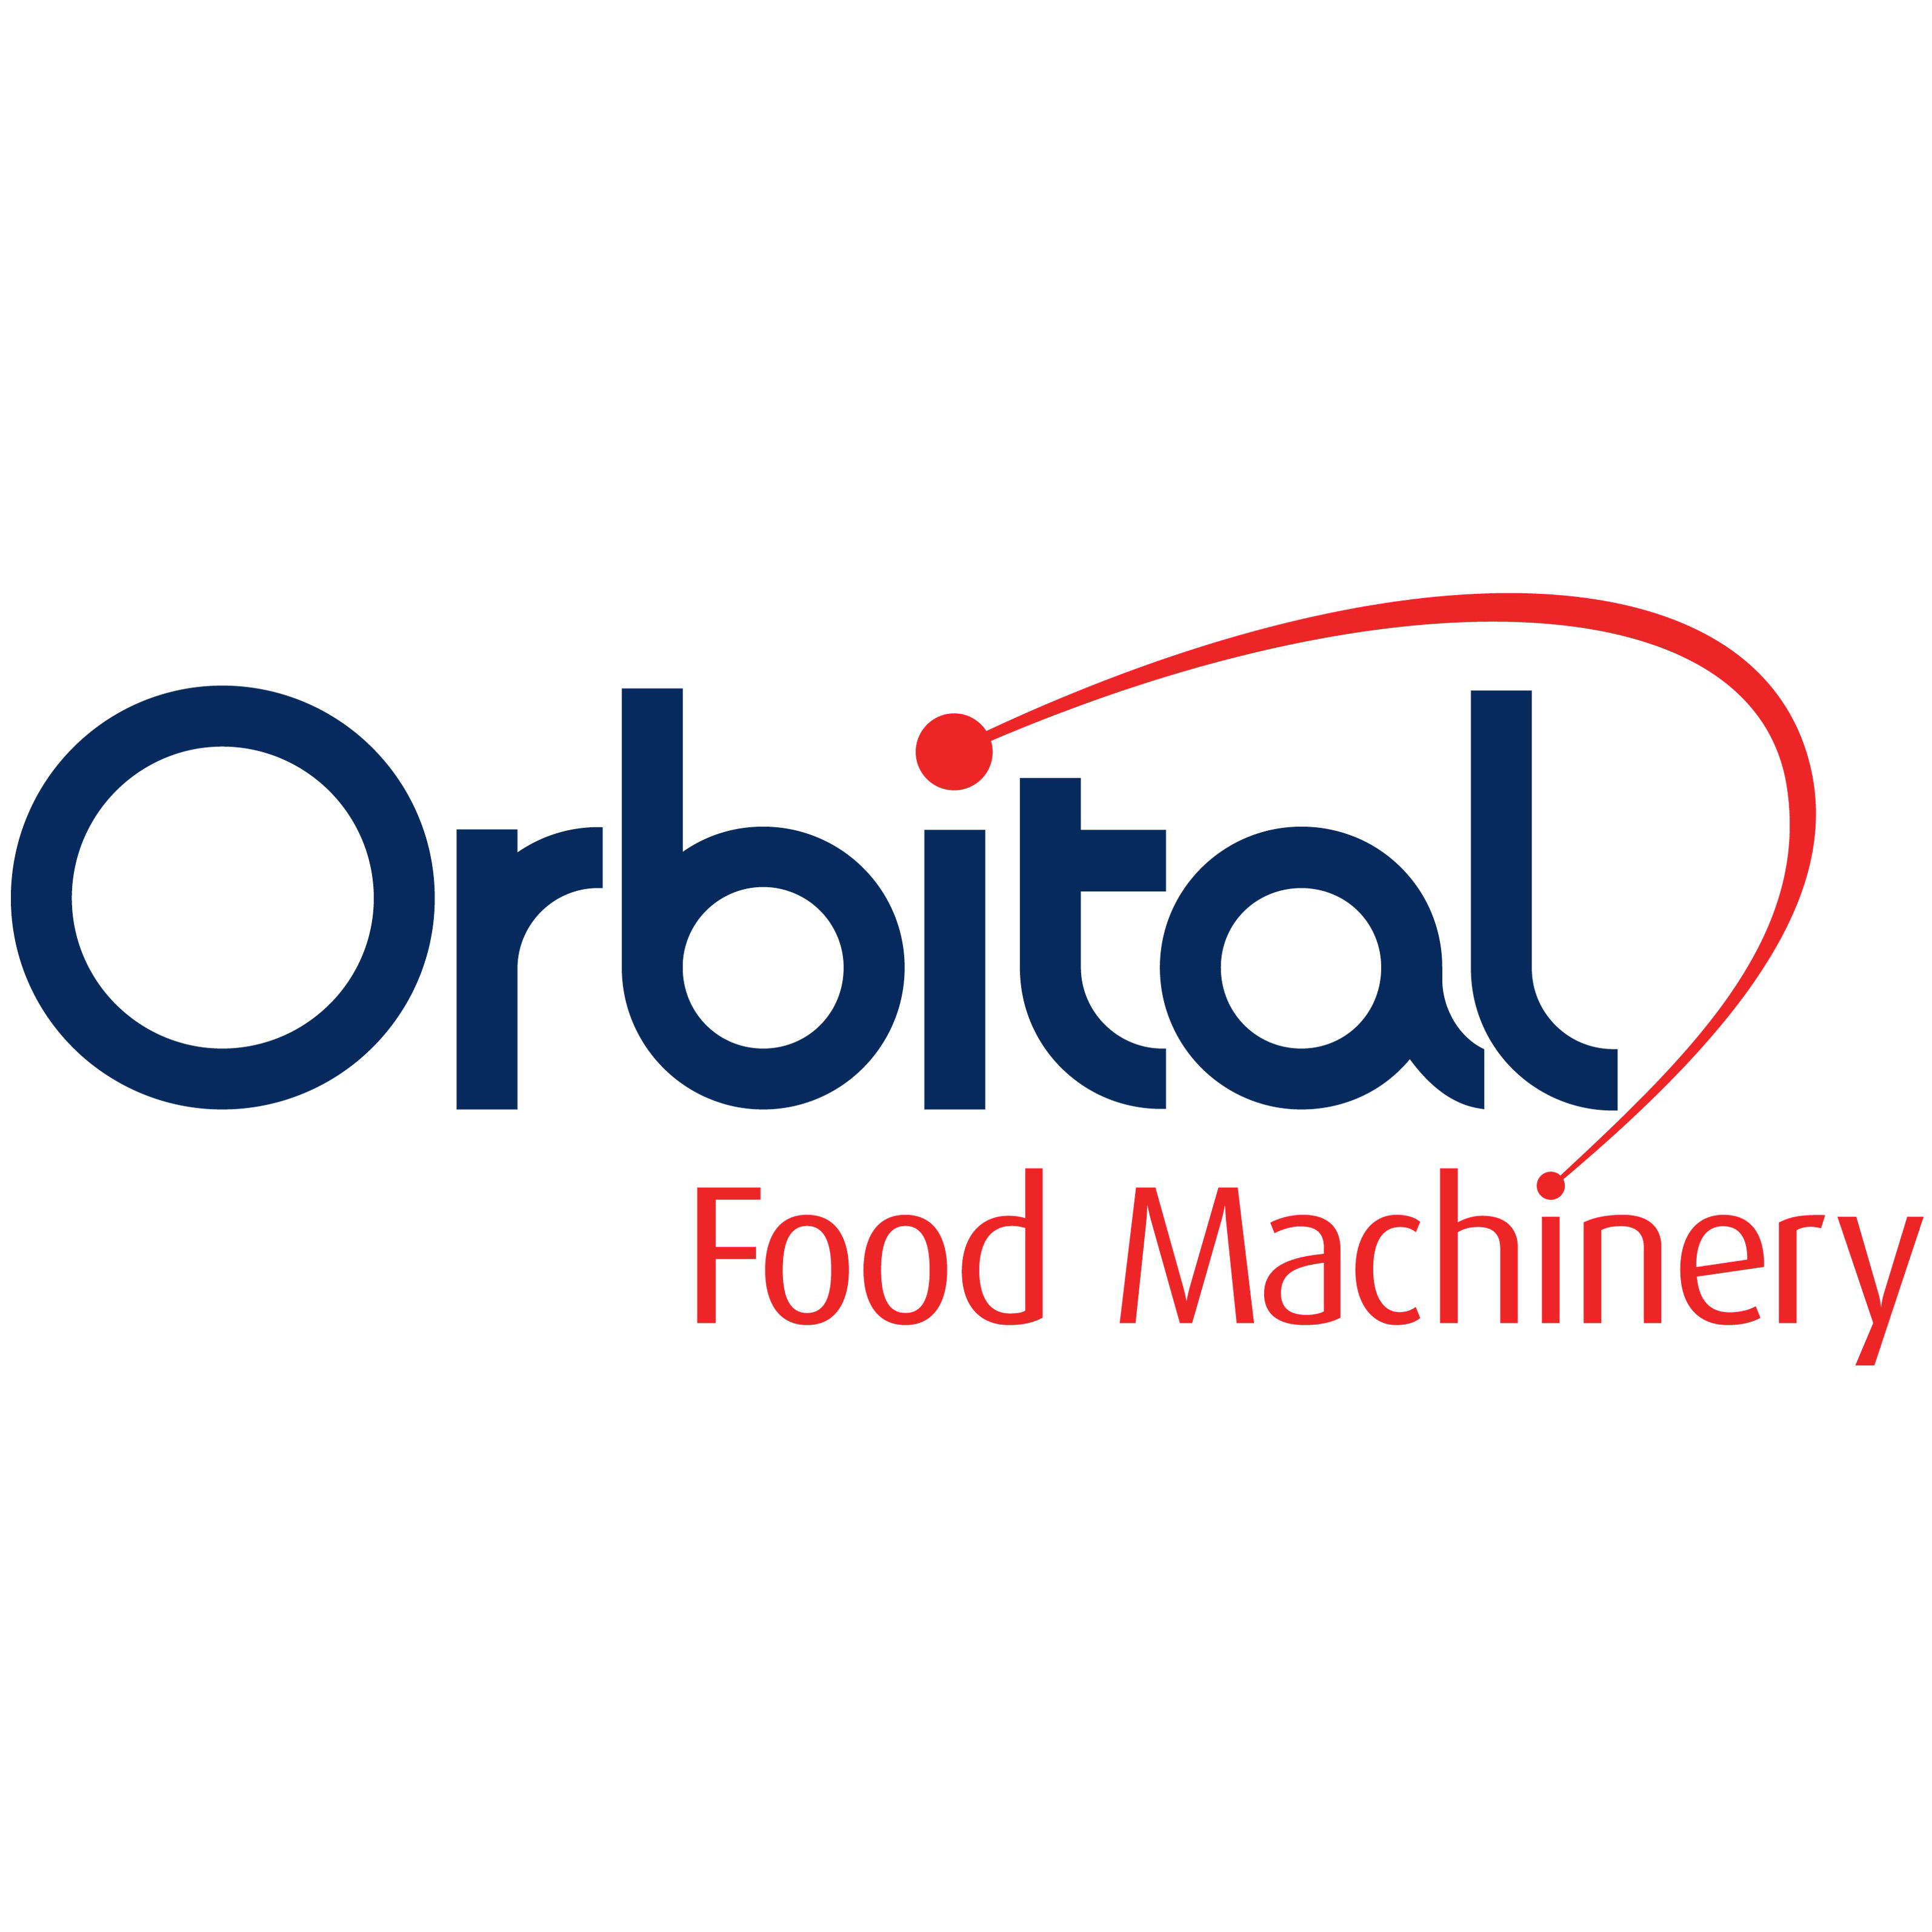 Orbital Food